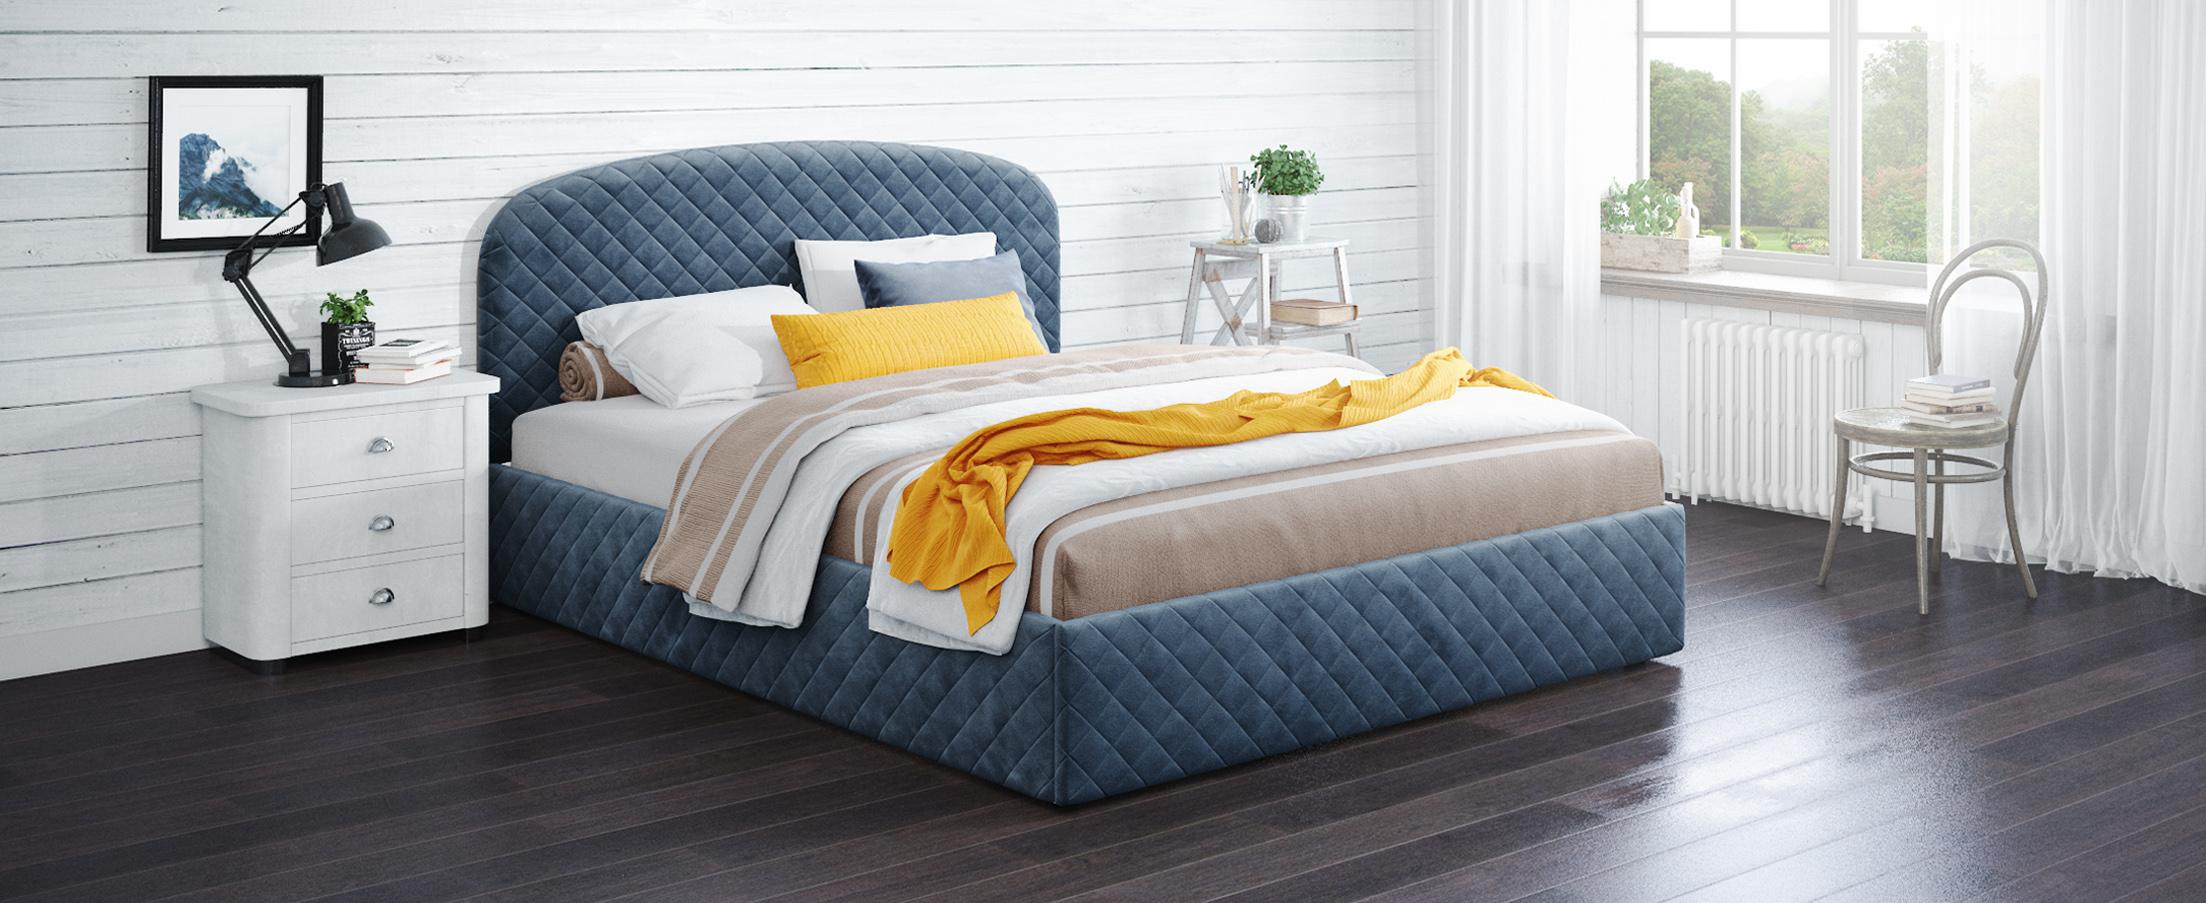 Кровать двуспальная Аллегра 140х200 Модель 1204Благодаря лаконичным формам она может стать как центральным предметом просторного помещения, также будет гармонично смотреться в небольшой спальной комнате.